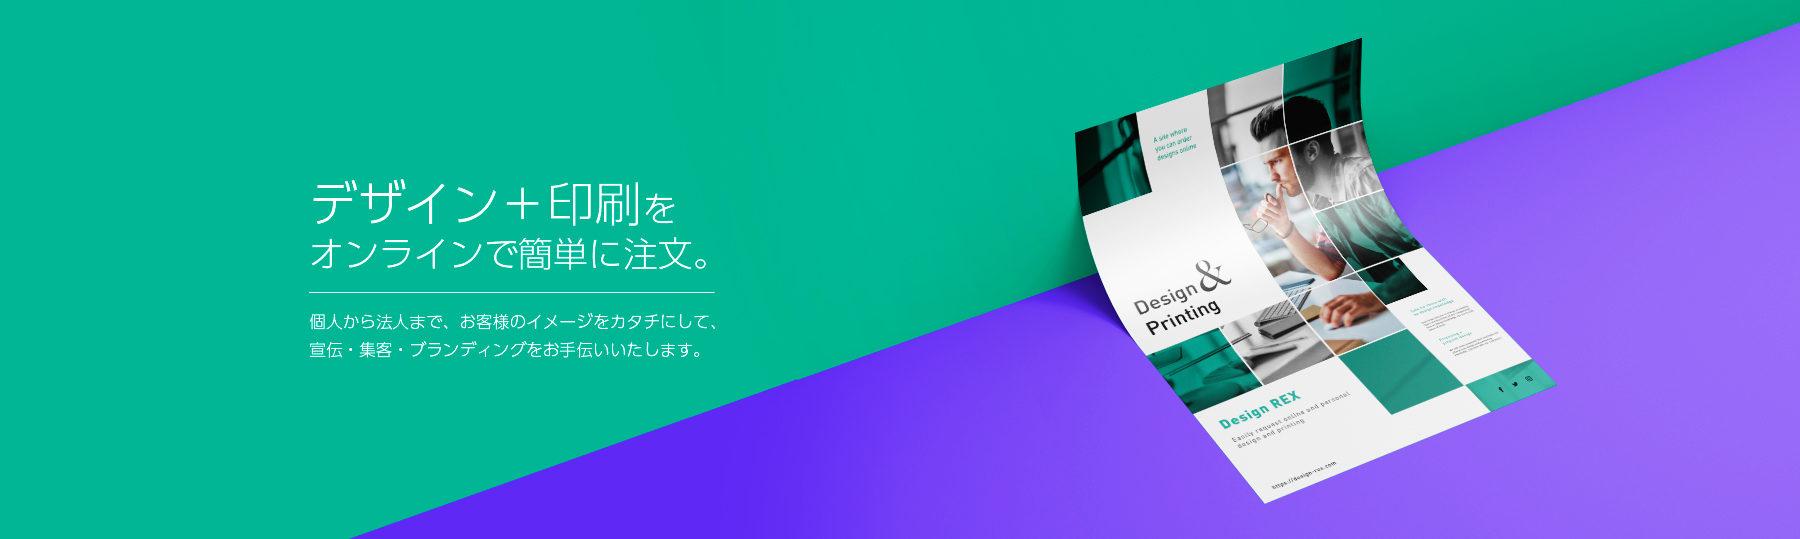 デザイン+印刷をオンラインで簡単に注文